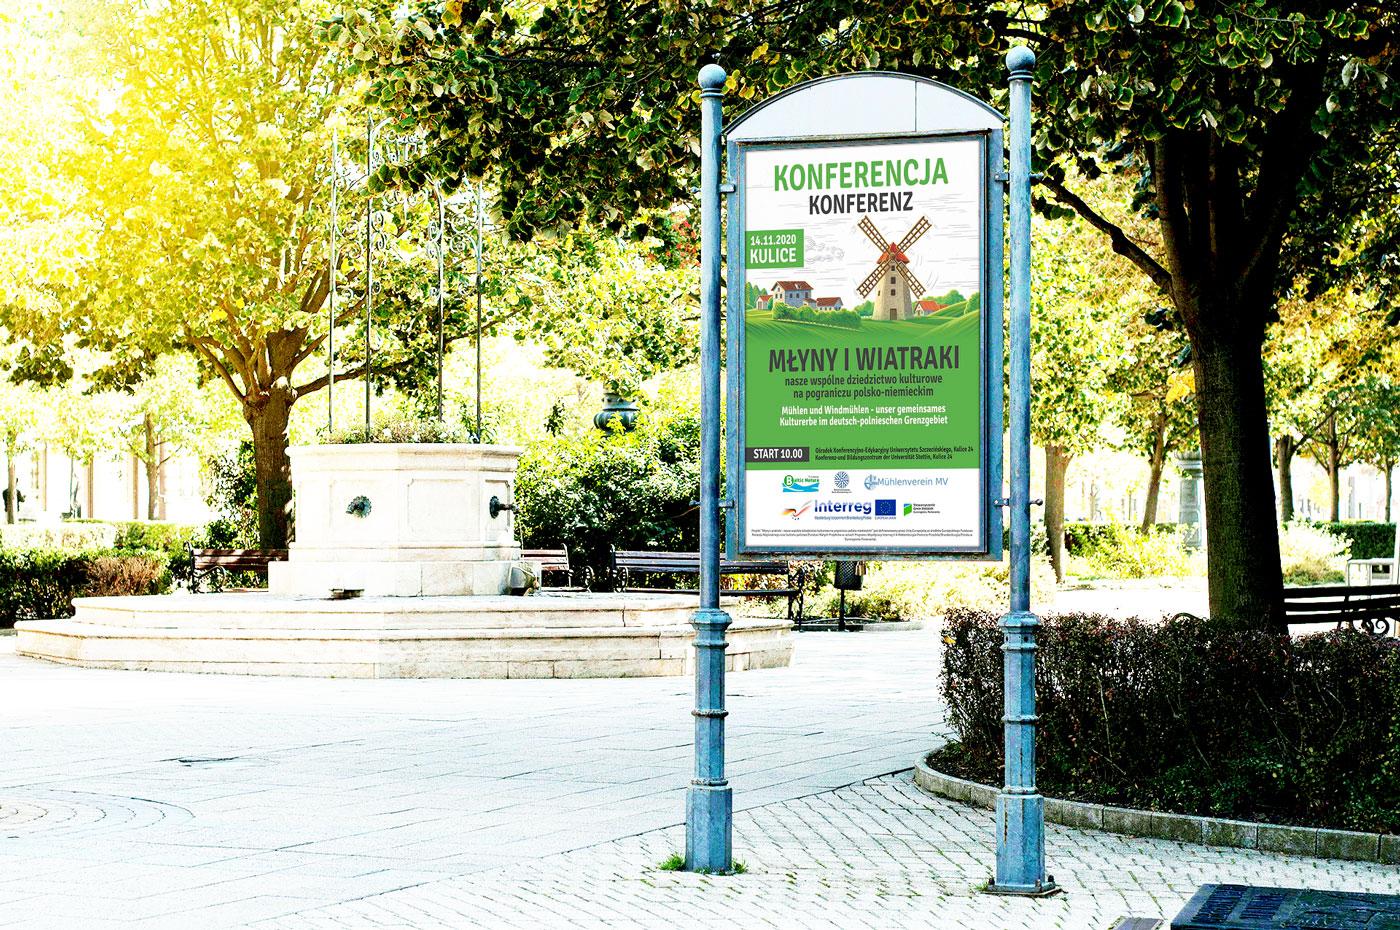 Plakat Młyny i Wiatraki Szczecin